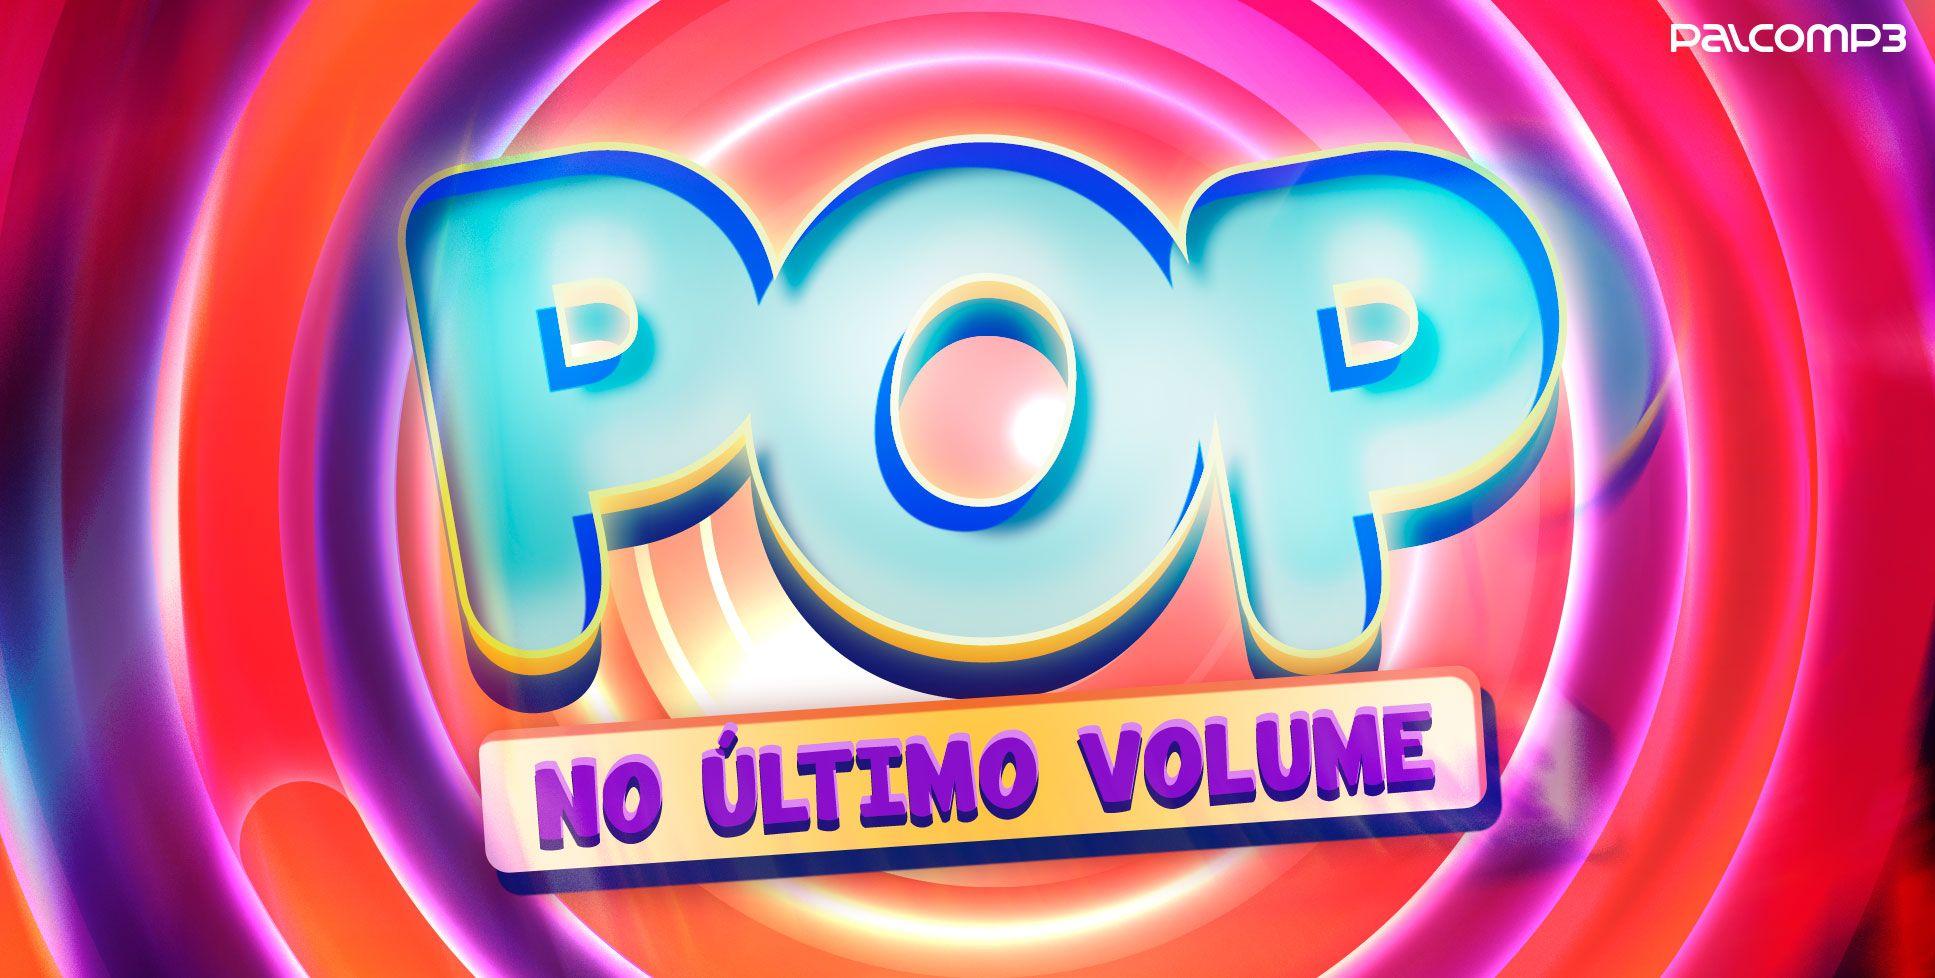 Playlist do Palco MP3 reúne músicas do pop nacional